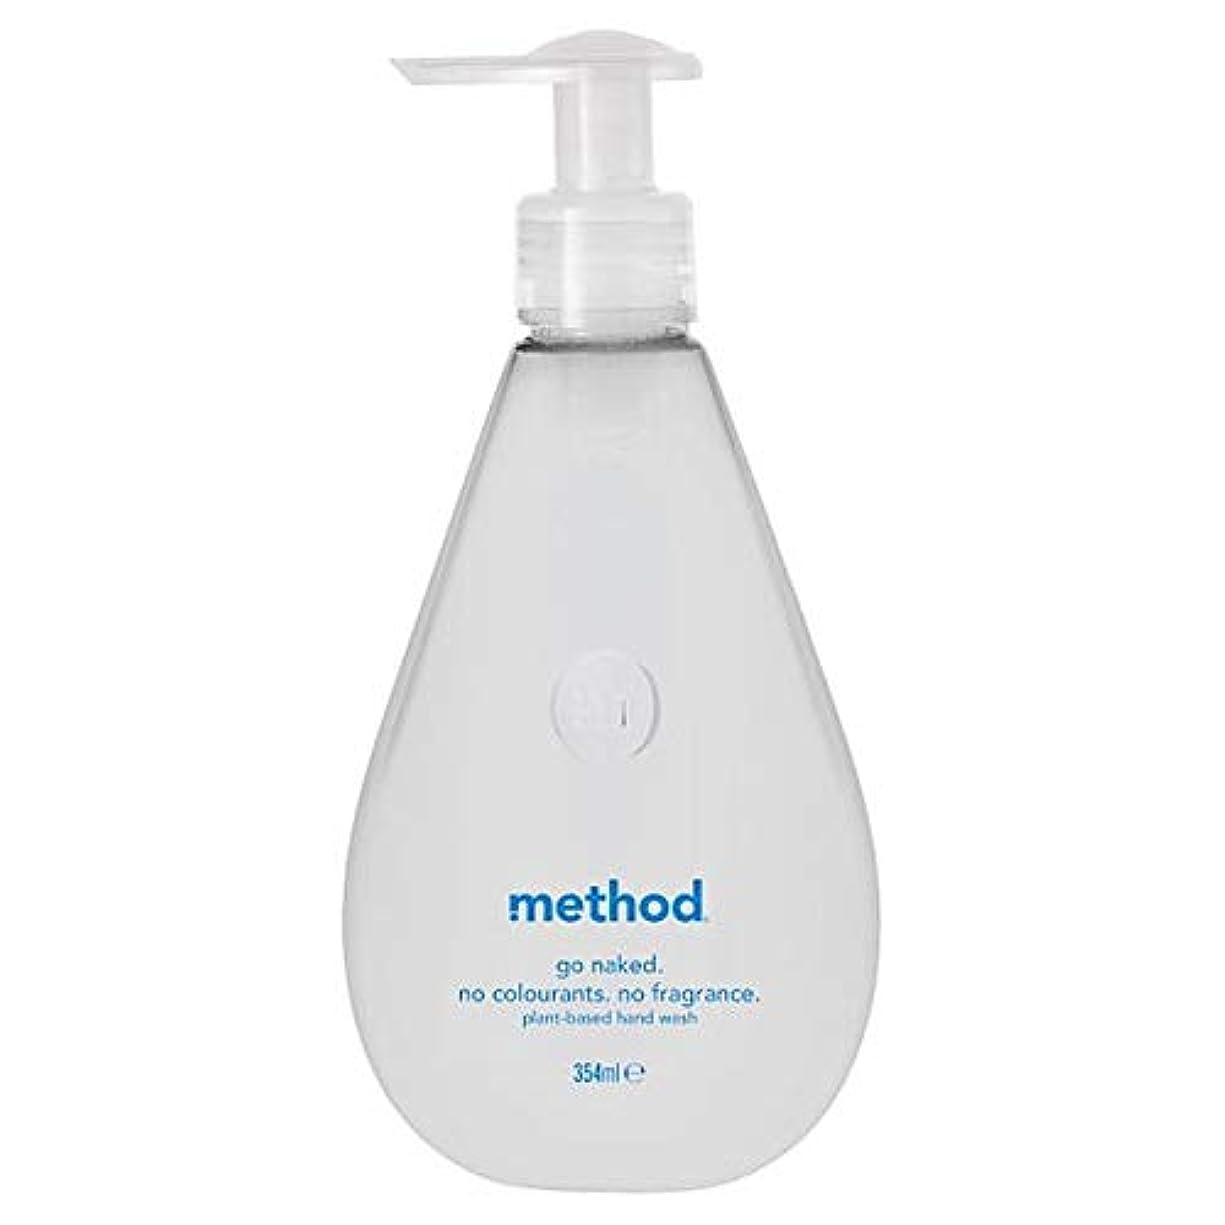 工場活性化する呼吸[Method ] 方法裸手洗いゲル354ミリリットル - Method Naked Hand Wash Gel 354Ml [並行輸入品]